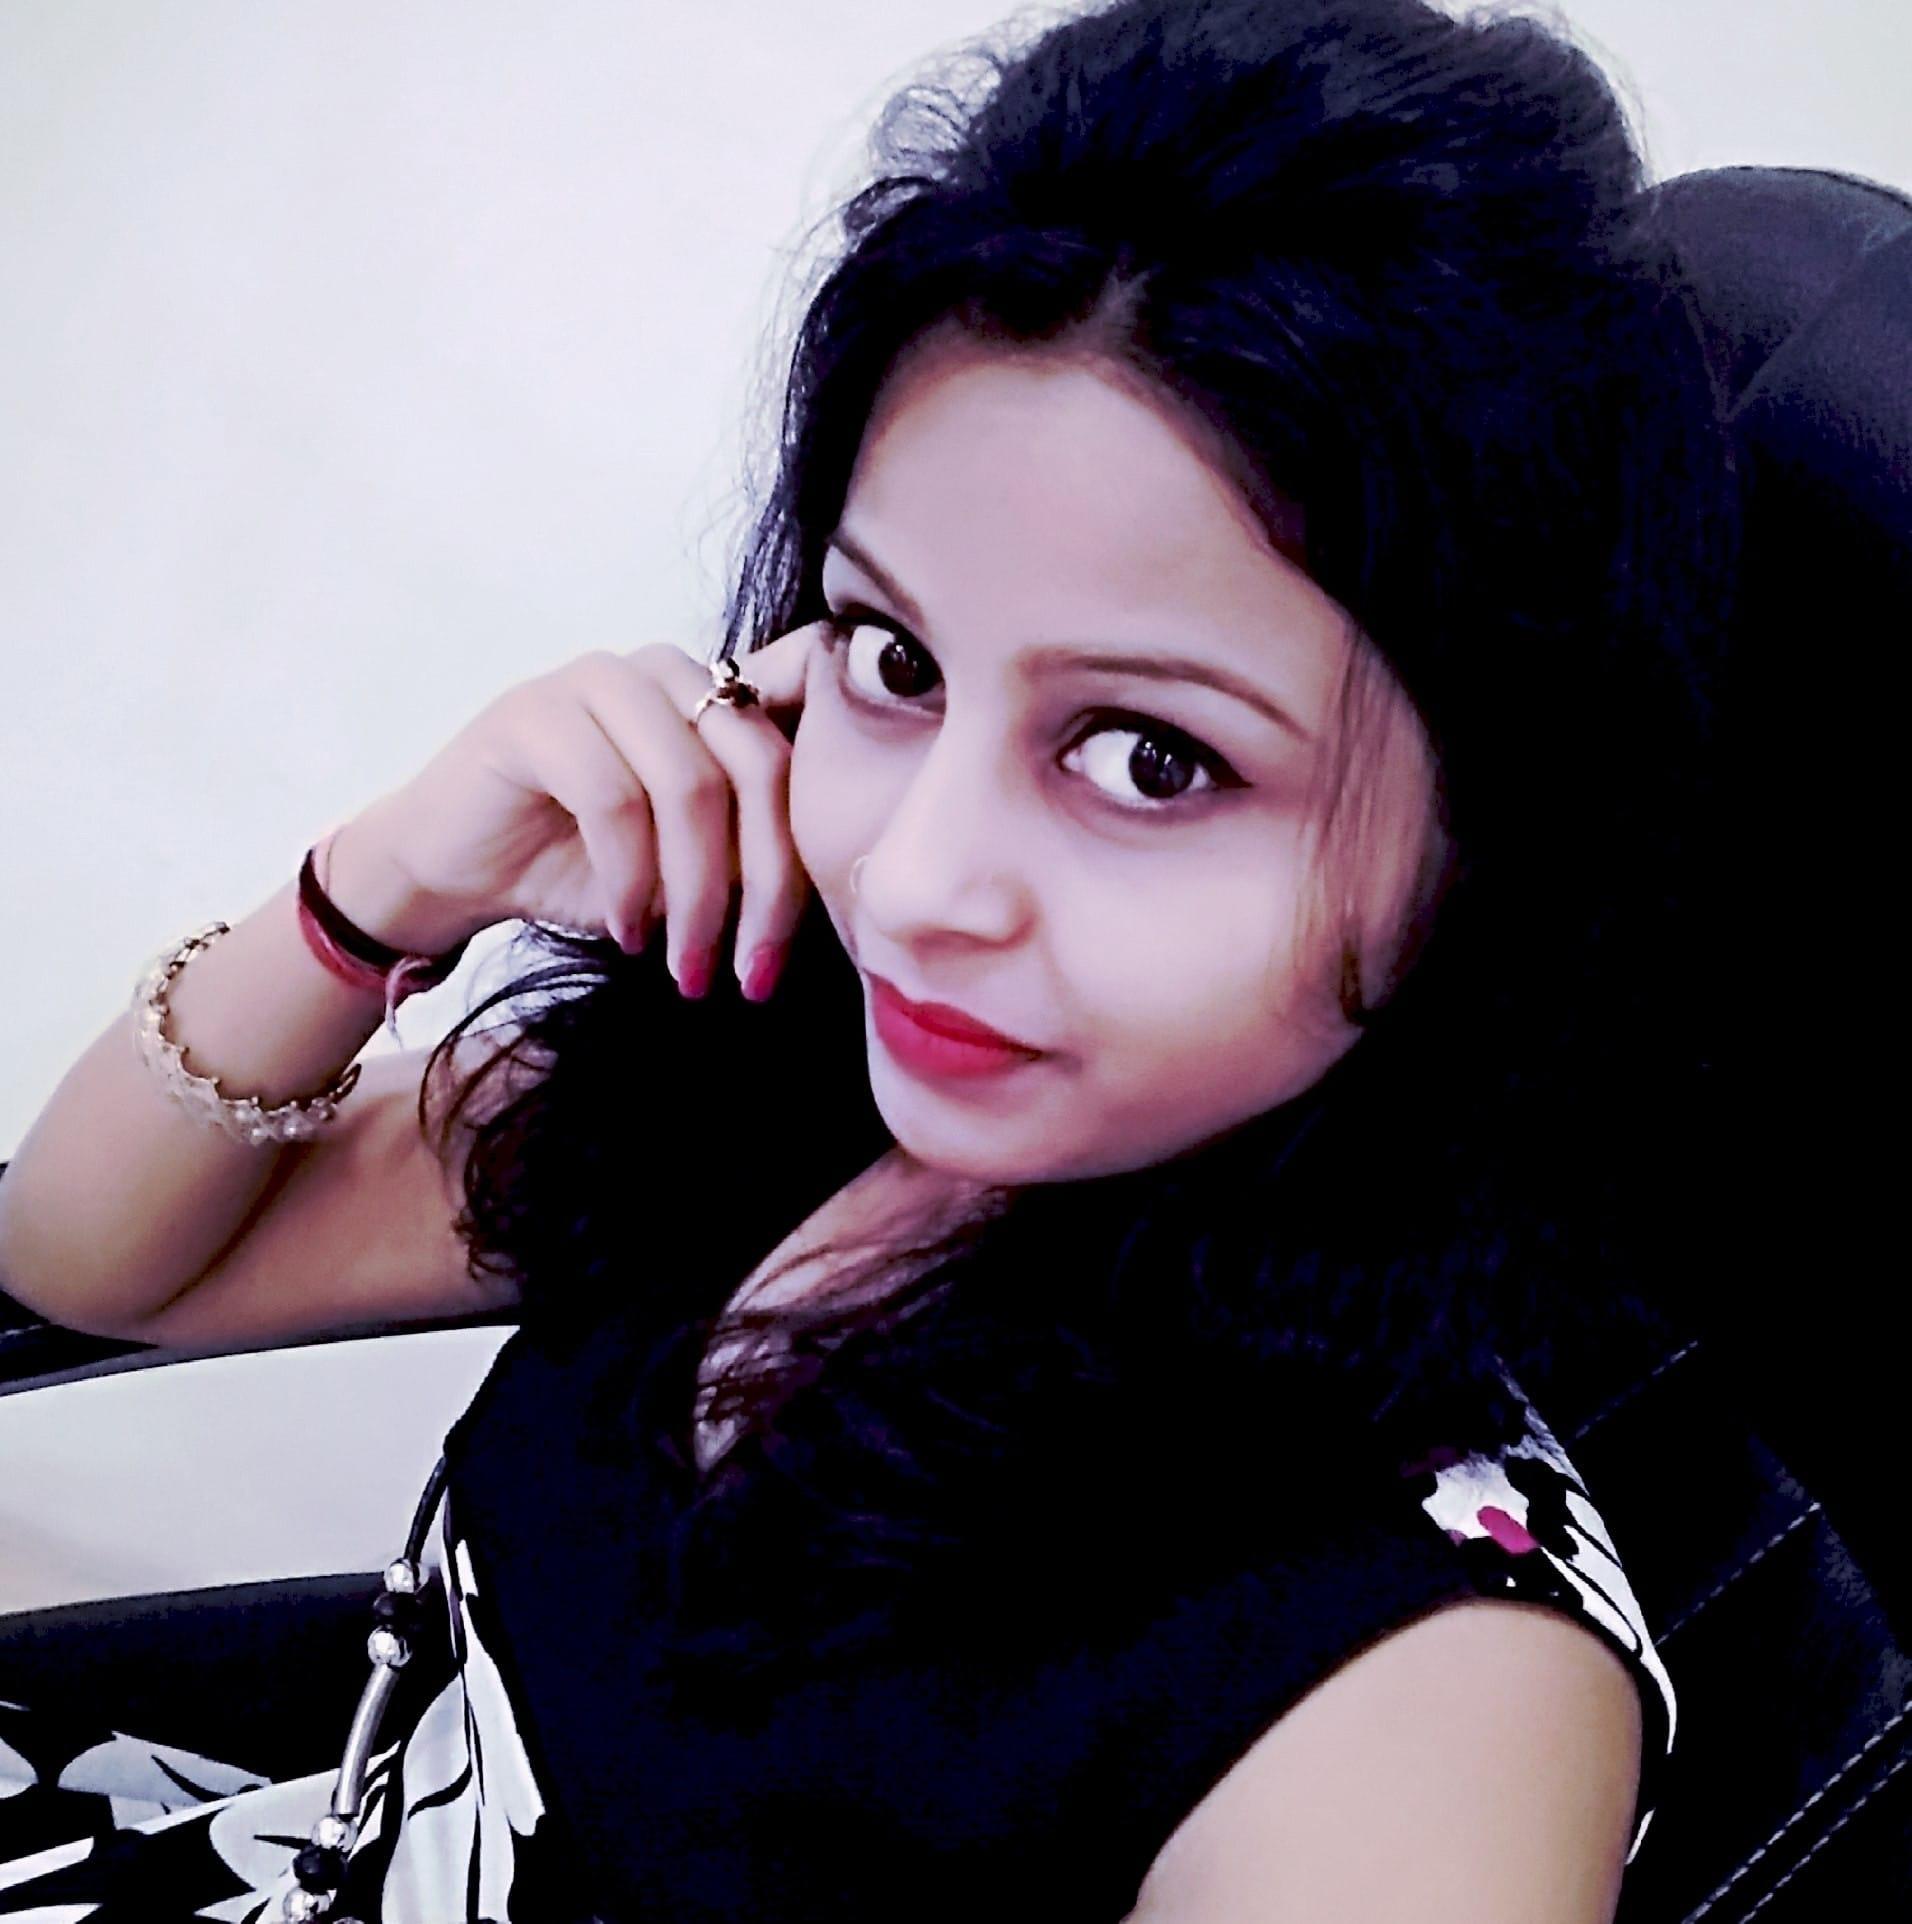 Shweta Nishad